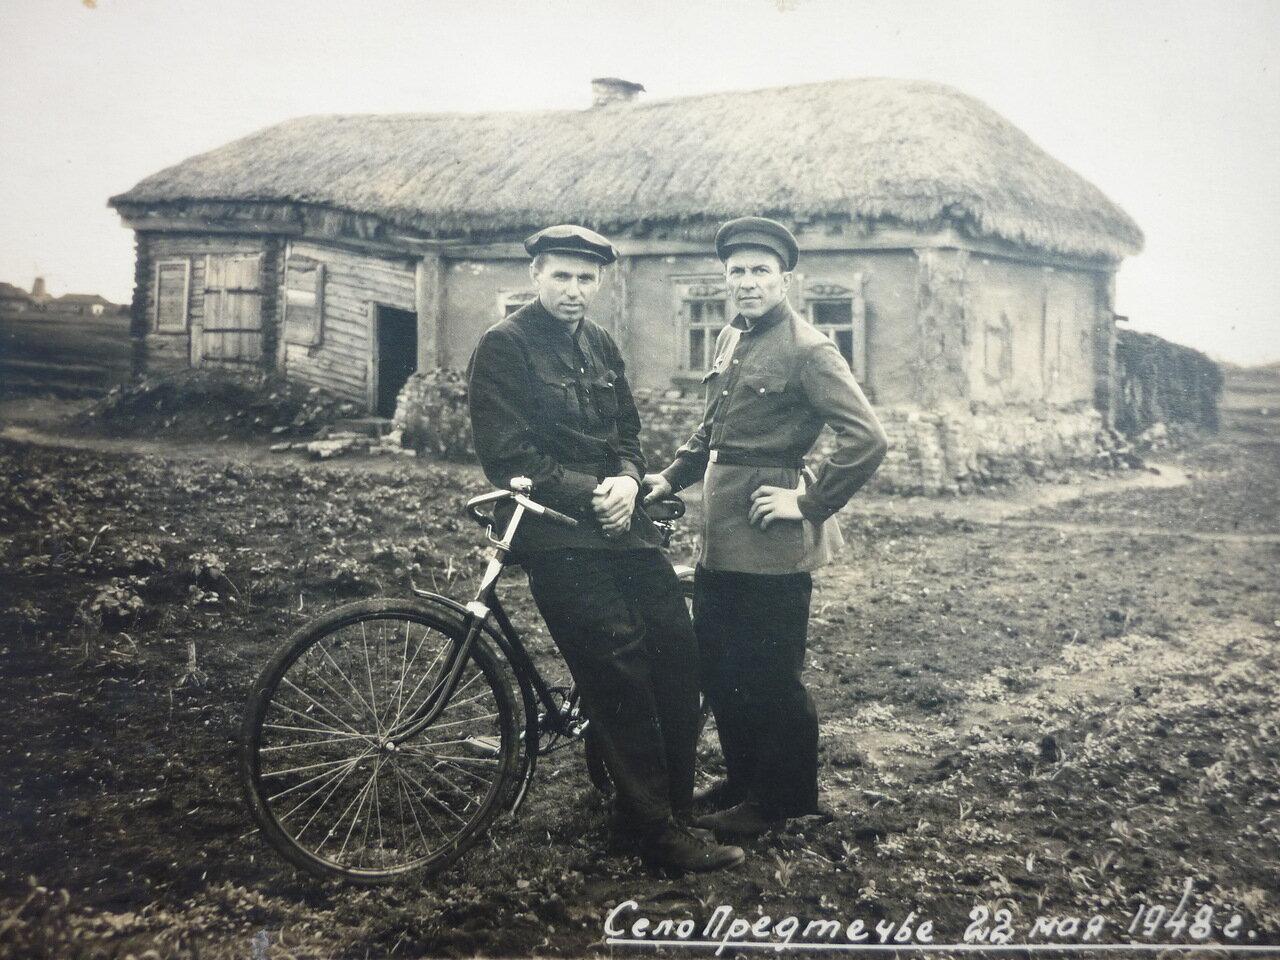 1948, 22 мая. Село Предтечье Усманьского района Липецкой области